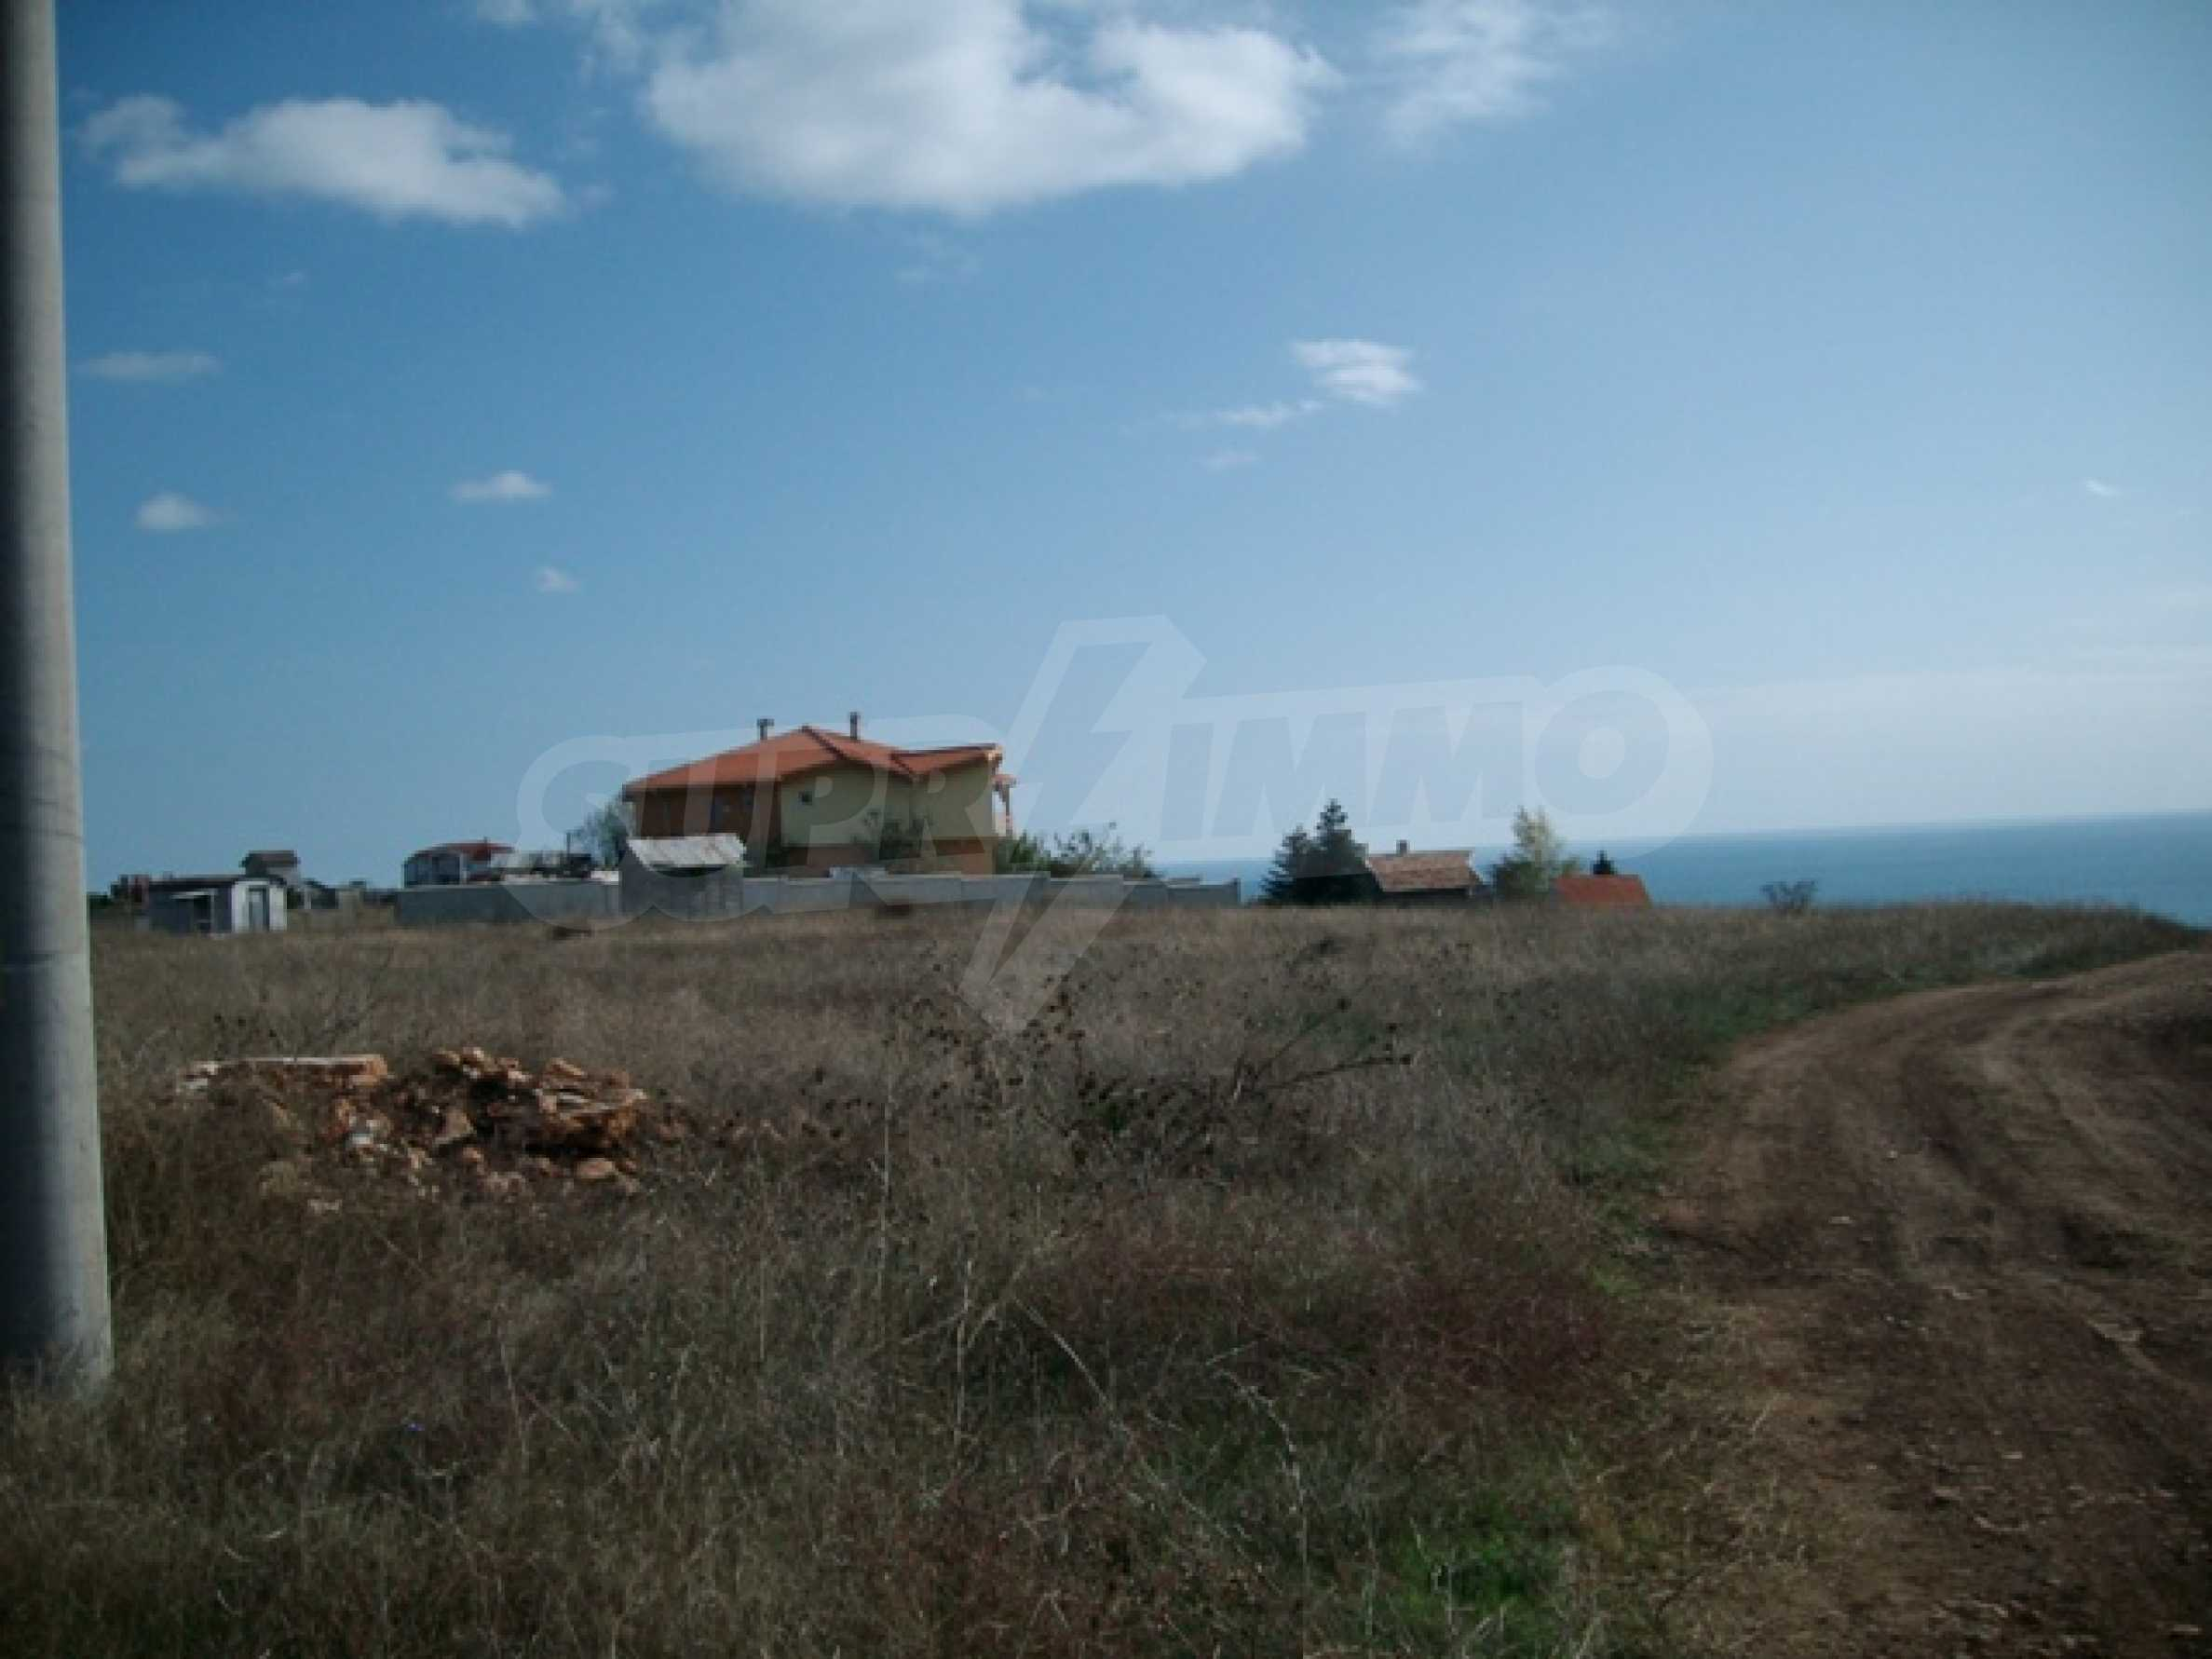 Участок земли под застройку, село Топола 3